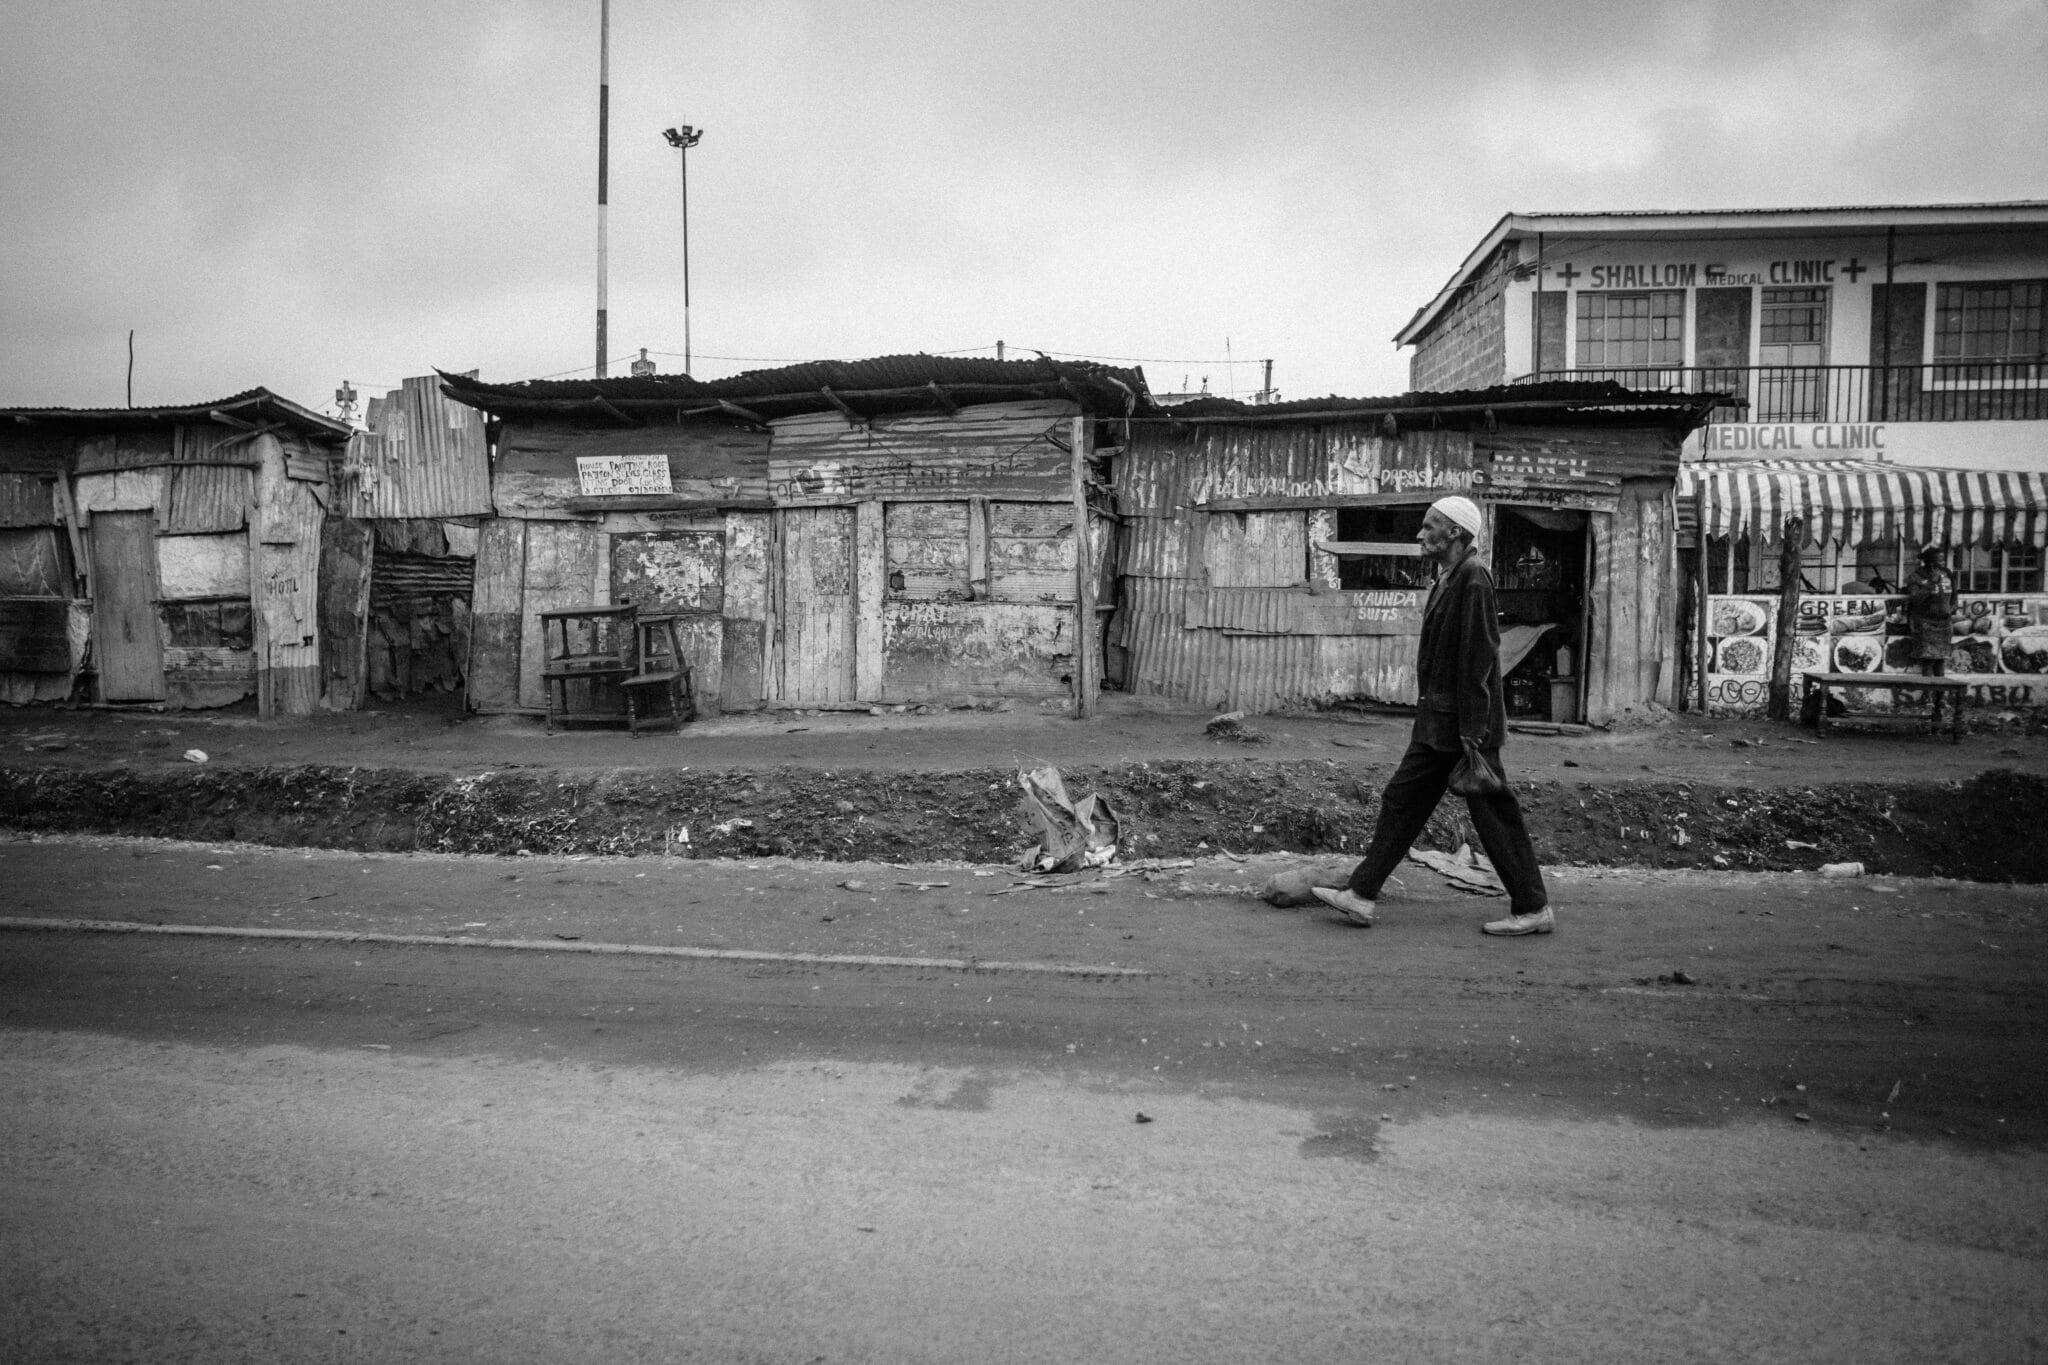 La pandemia degli slum